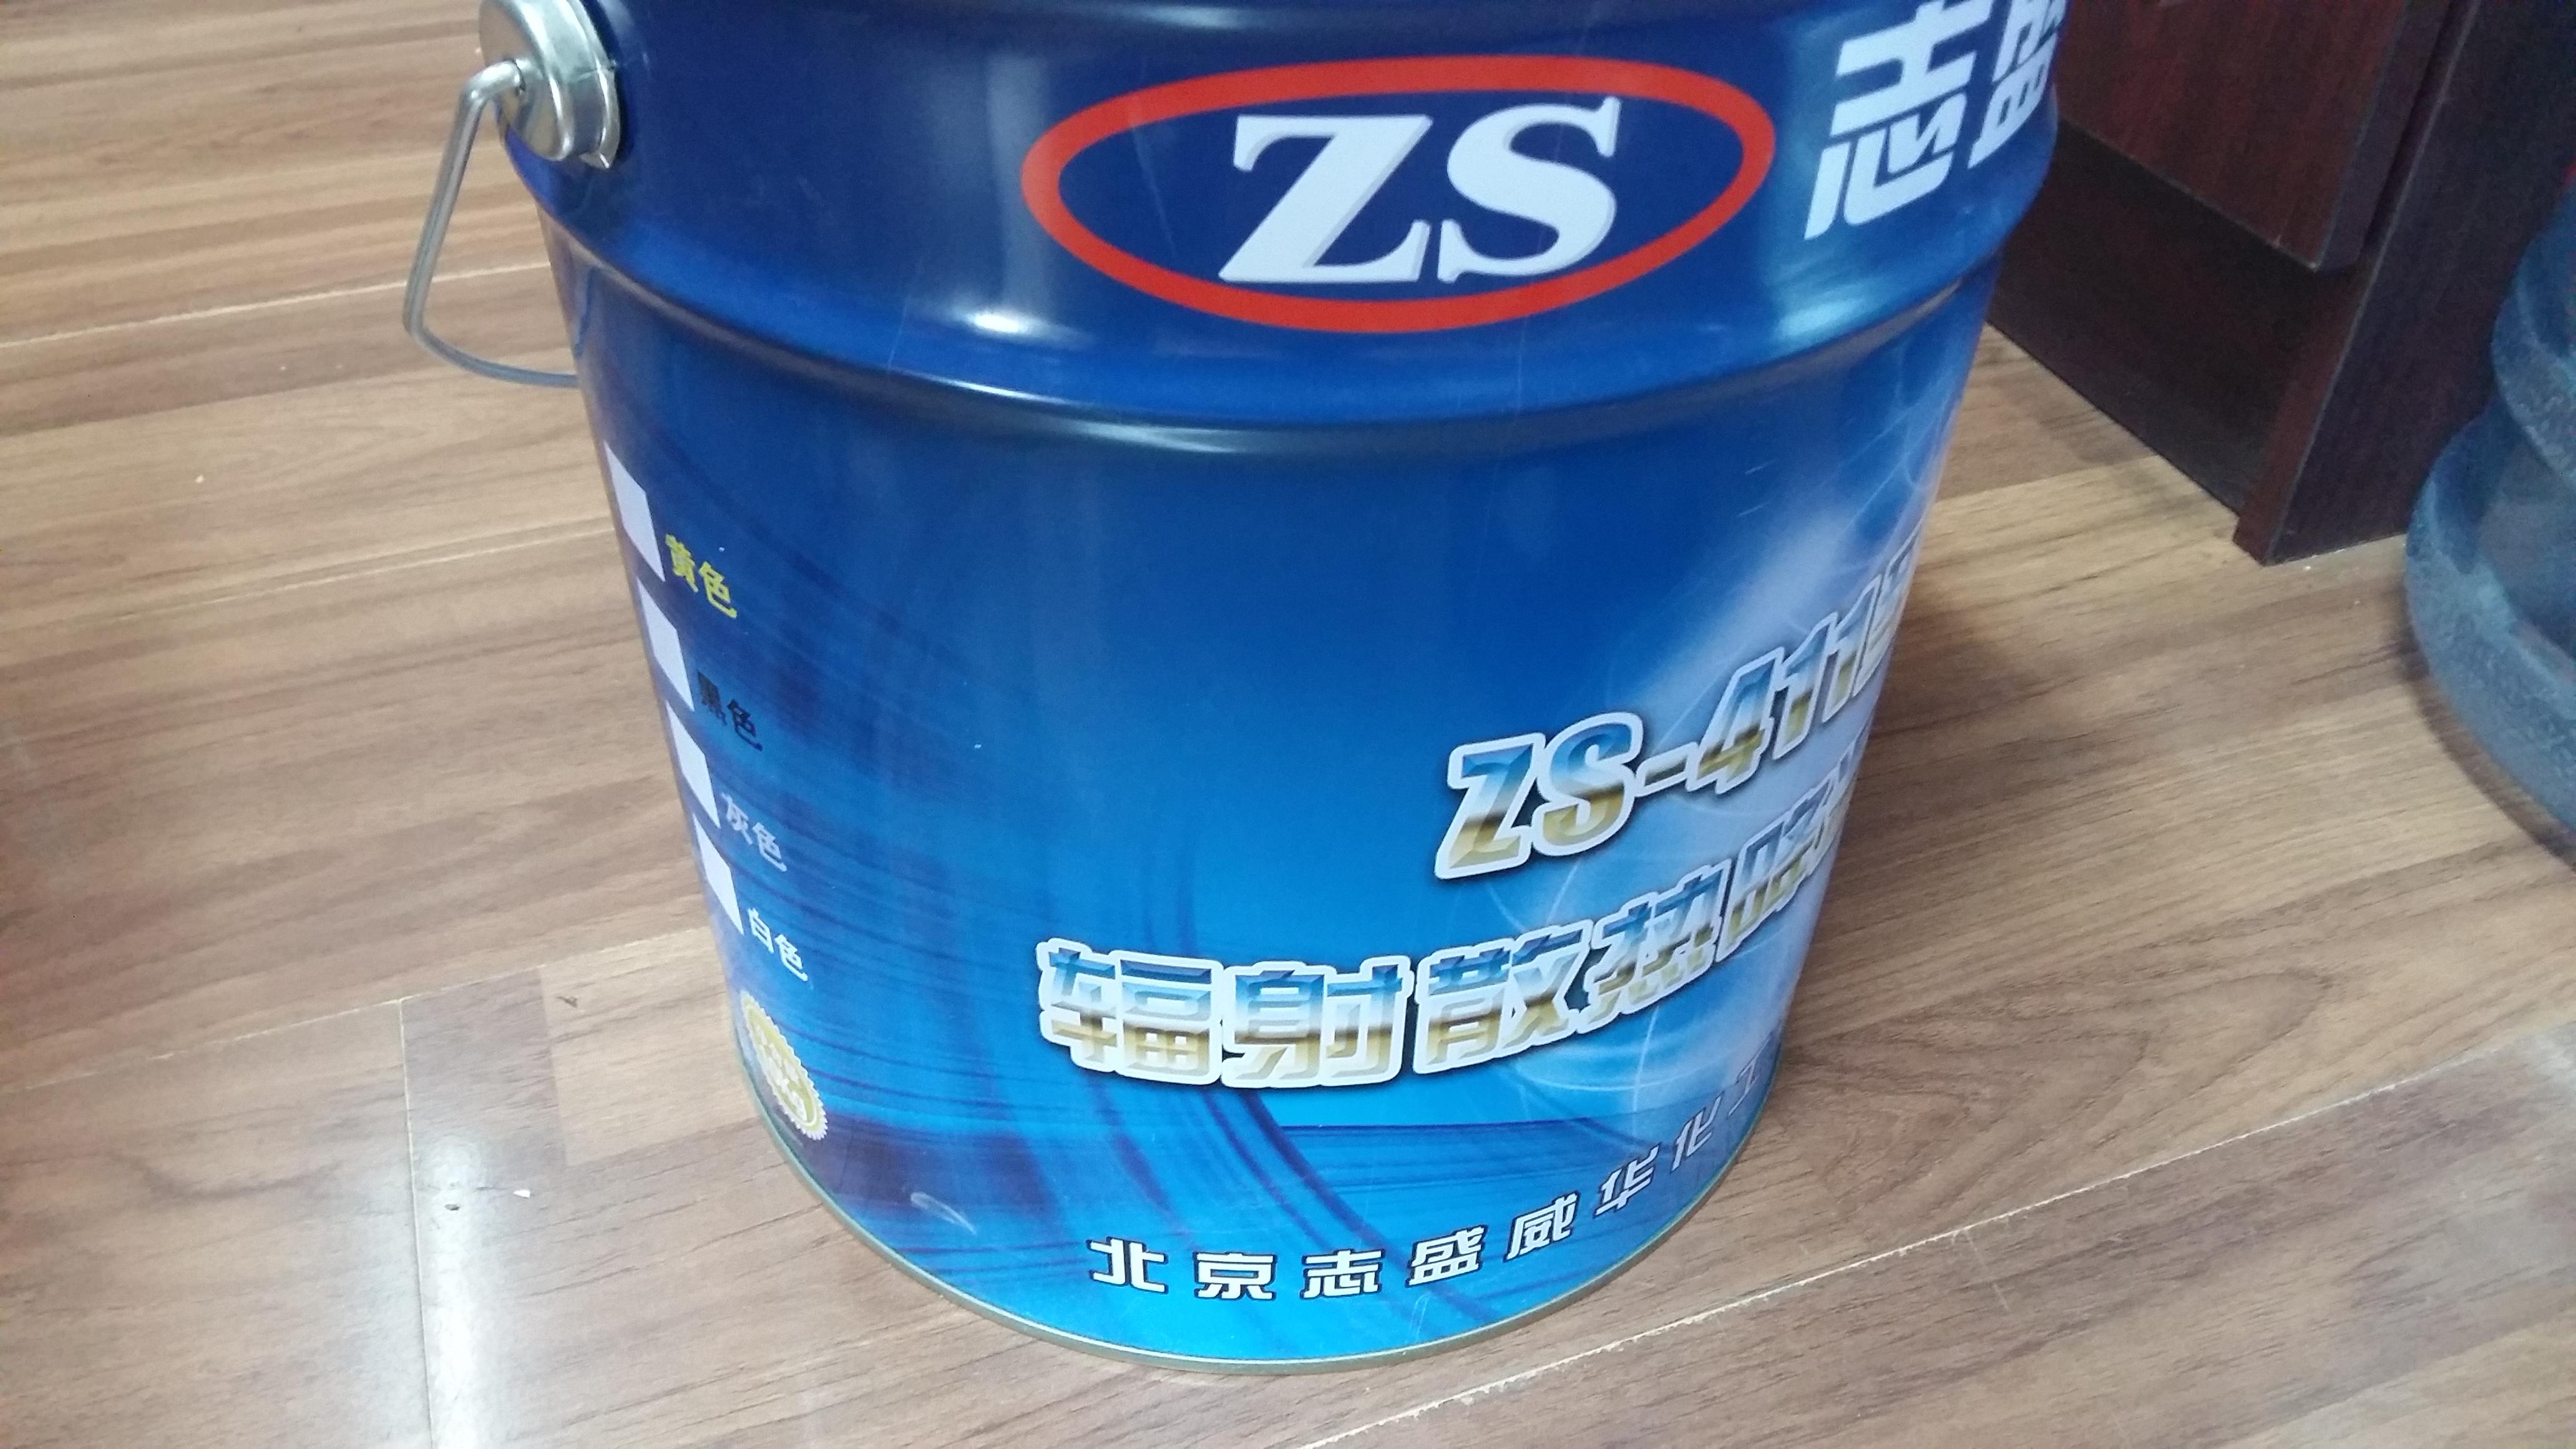 供应 ZS-411辐射散热降温涂料,加强散热、自洁